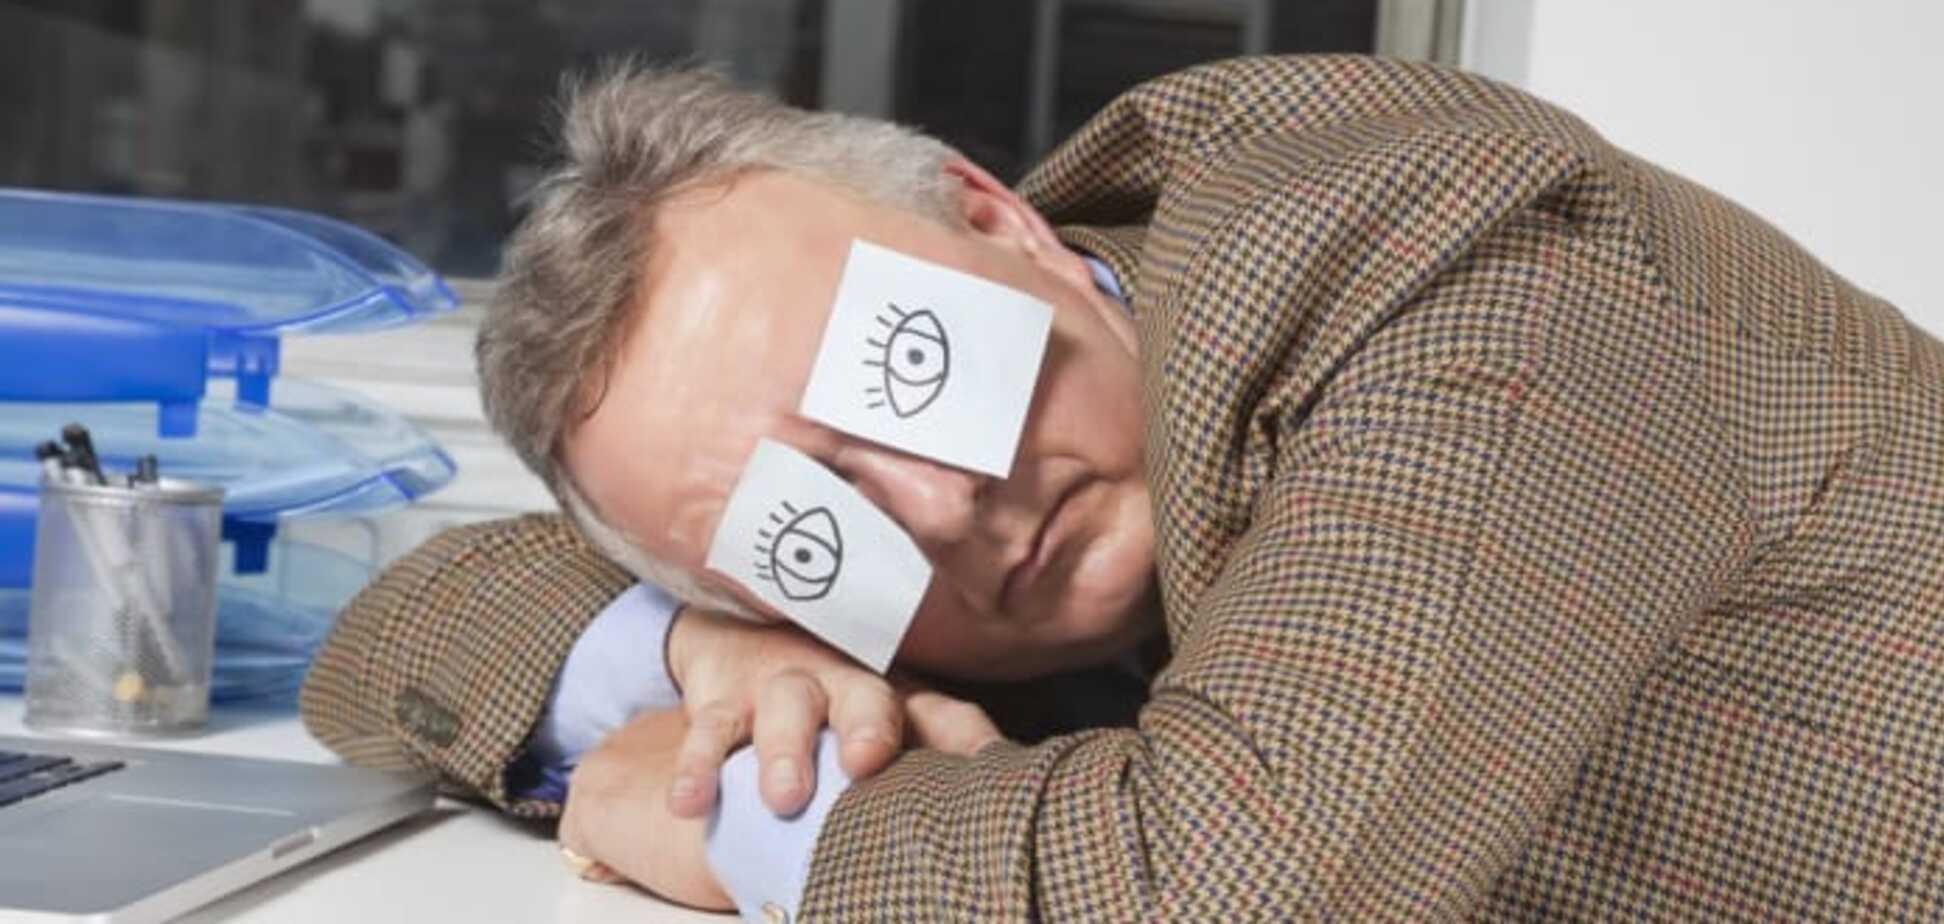 Как не заснуть на работе: семь бодрящих советов